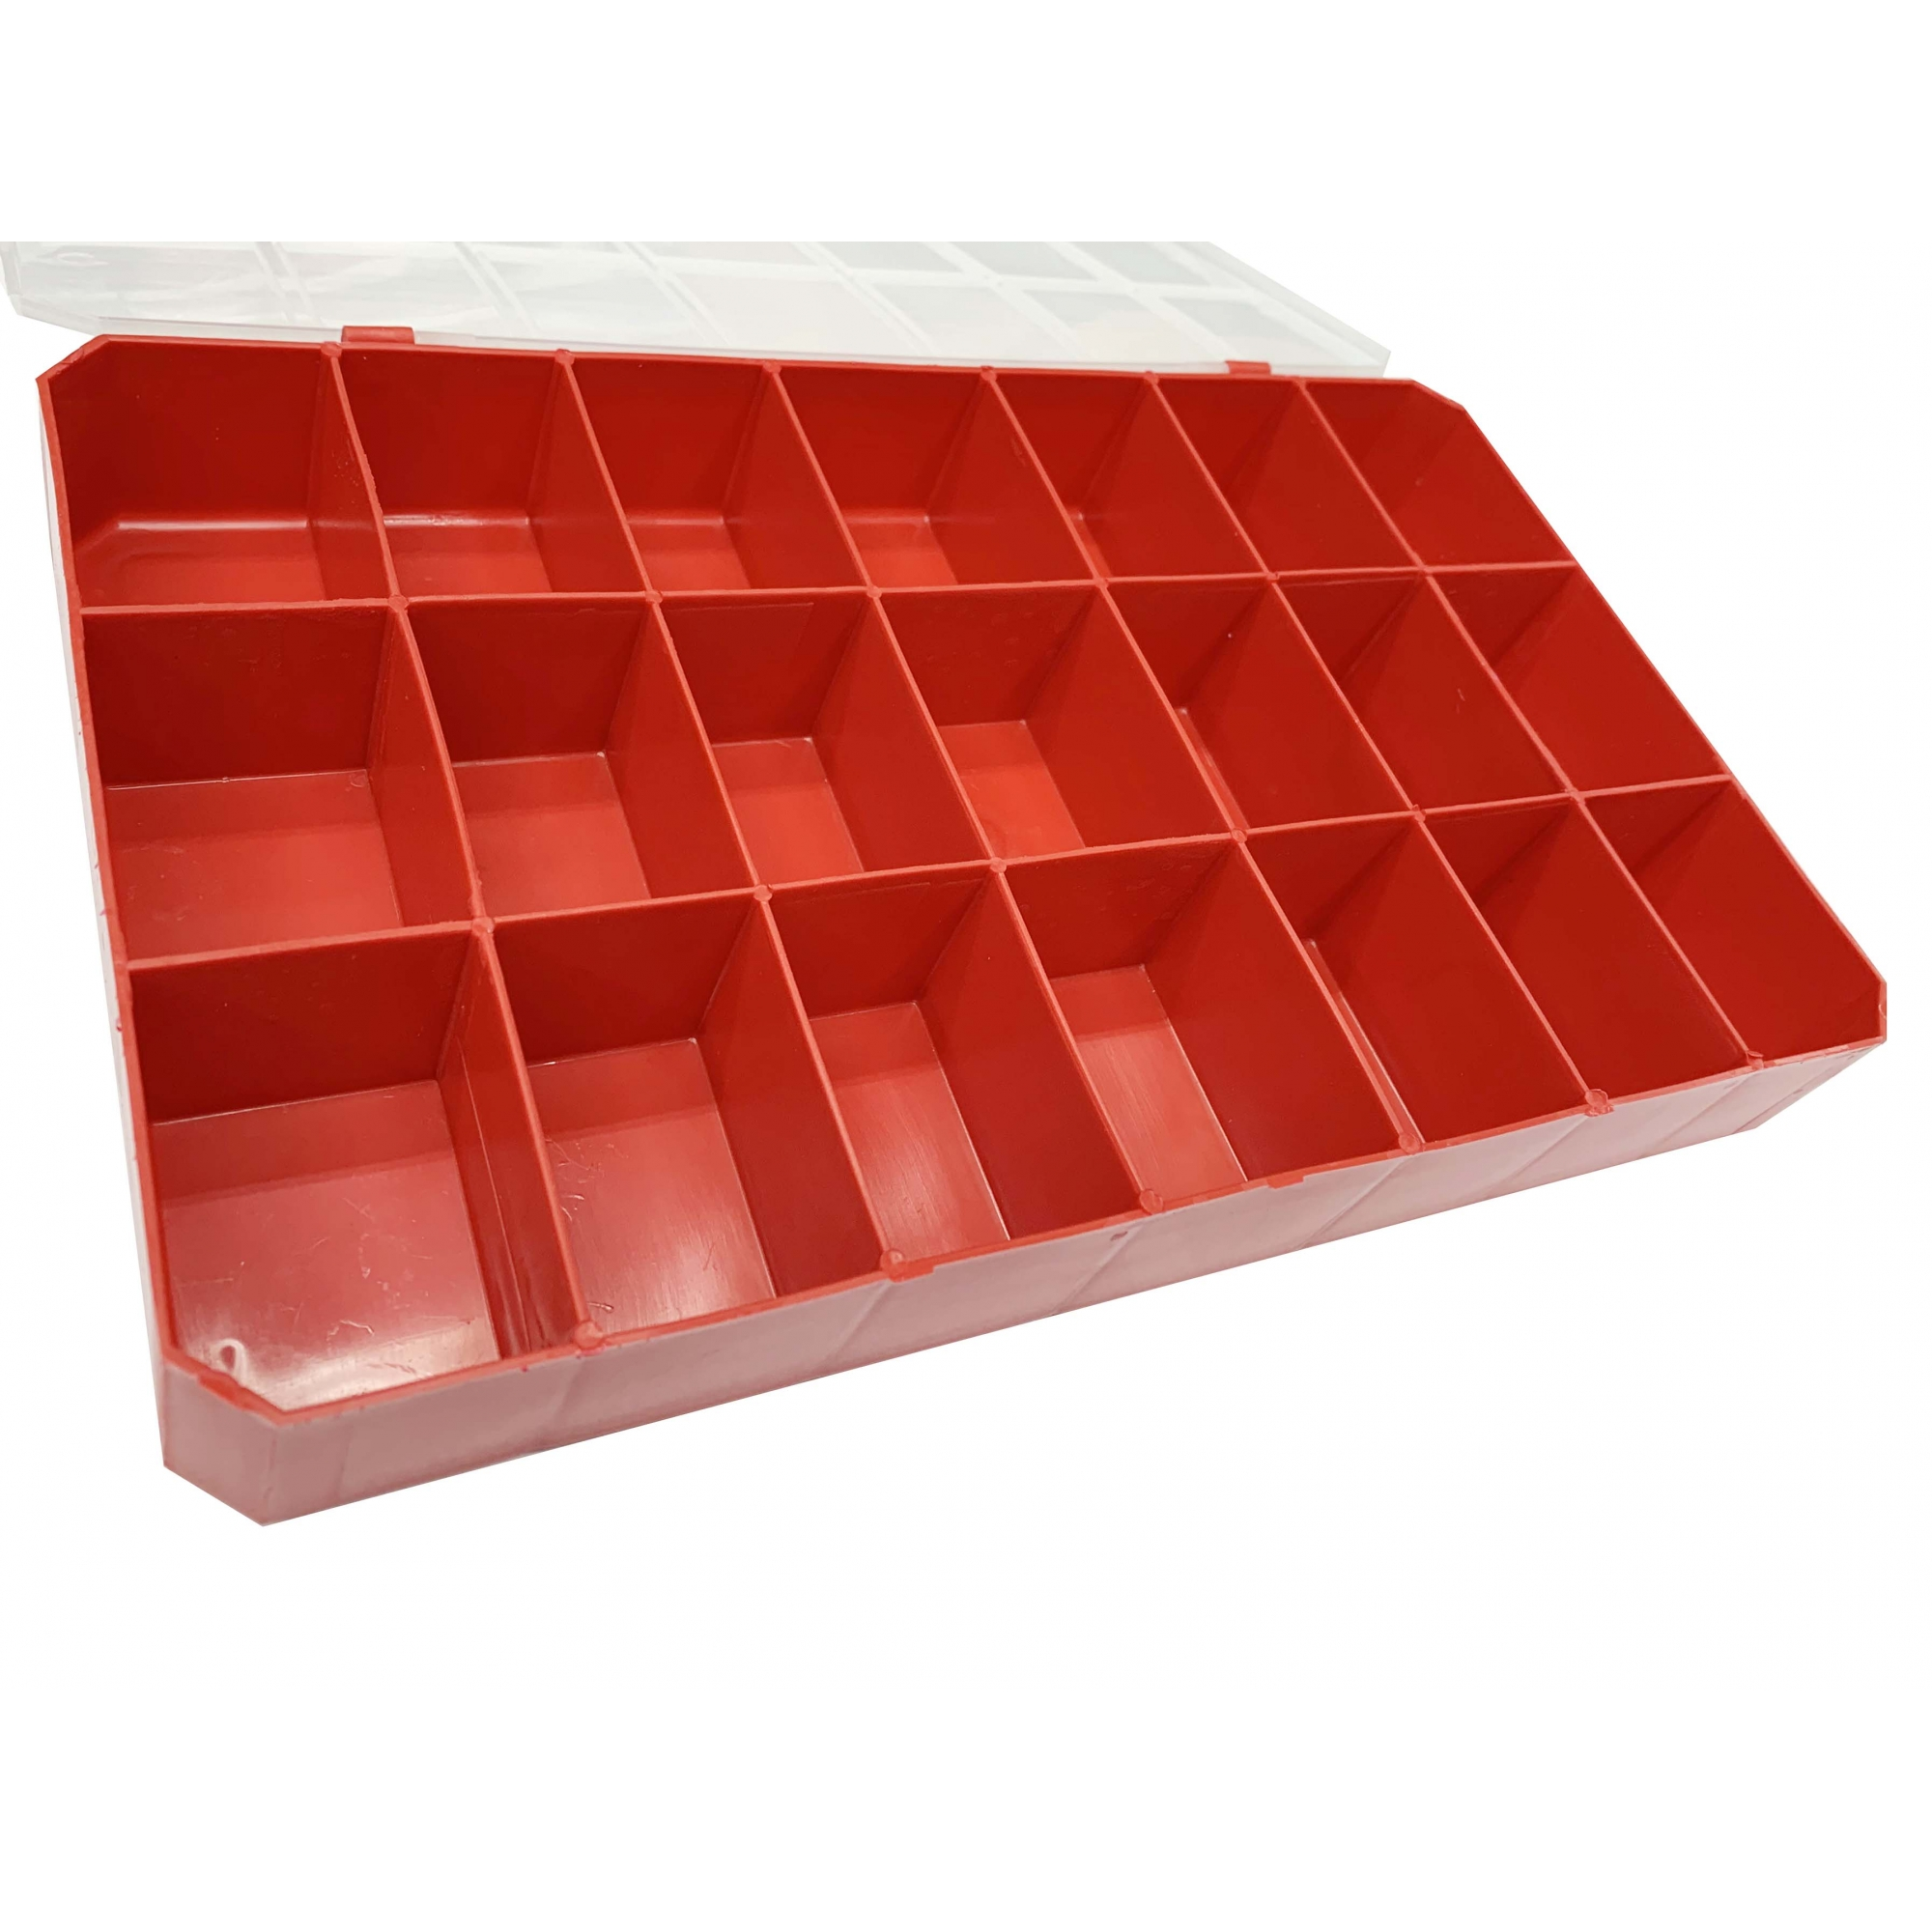 Caixa Organizadora - Transparente e Vermelha  - Universo Religioso® - Artigos de Umbanda e Candomblé